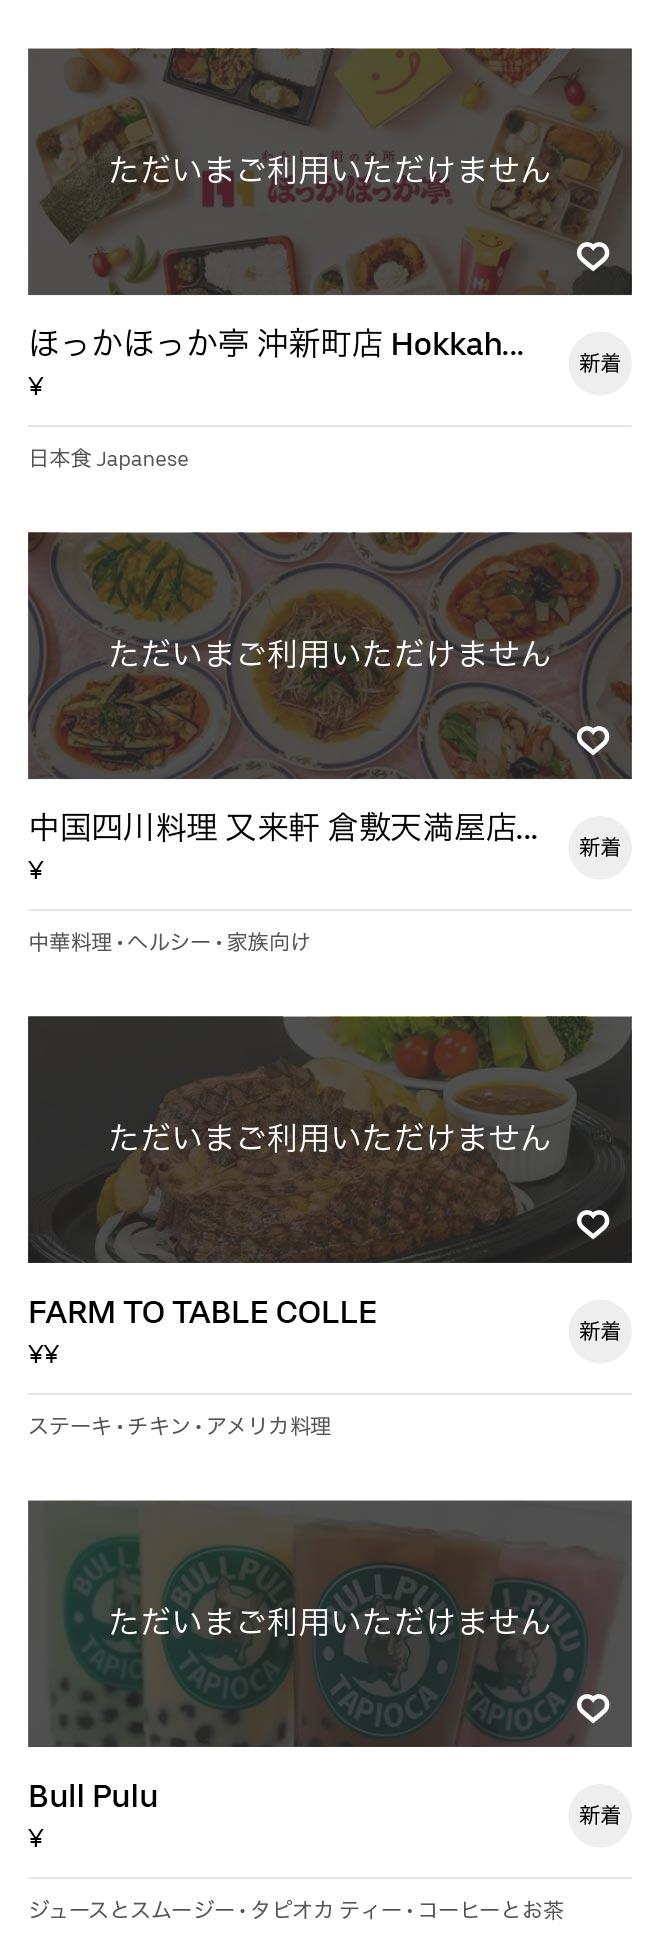 Kurashiki menu 2010 4